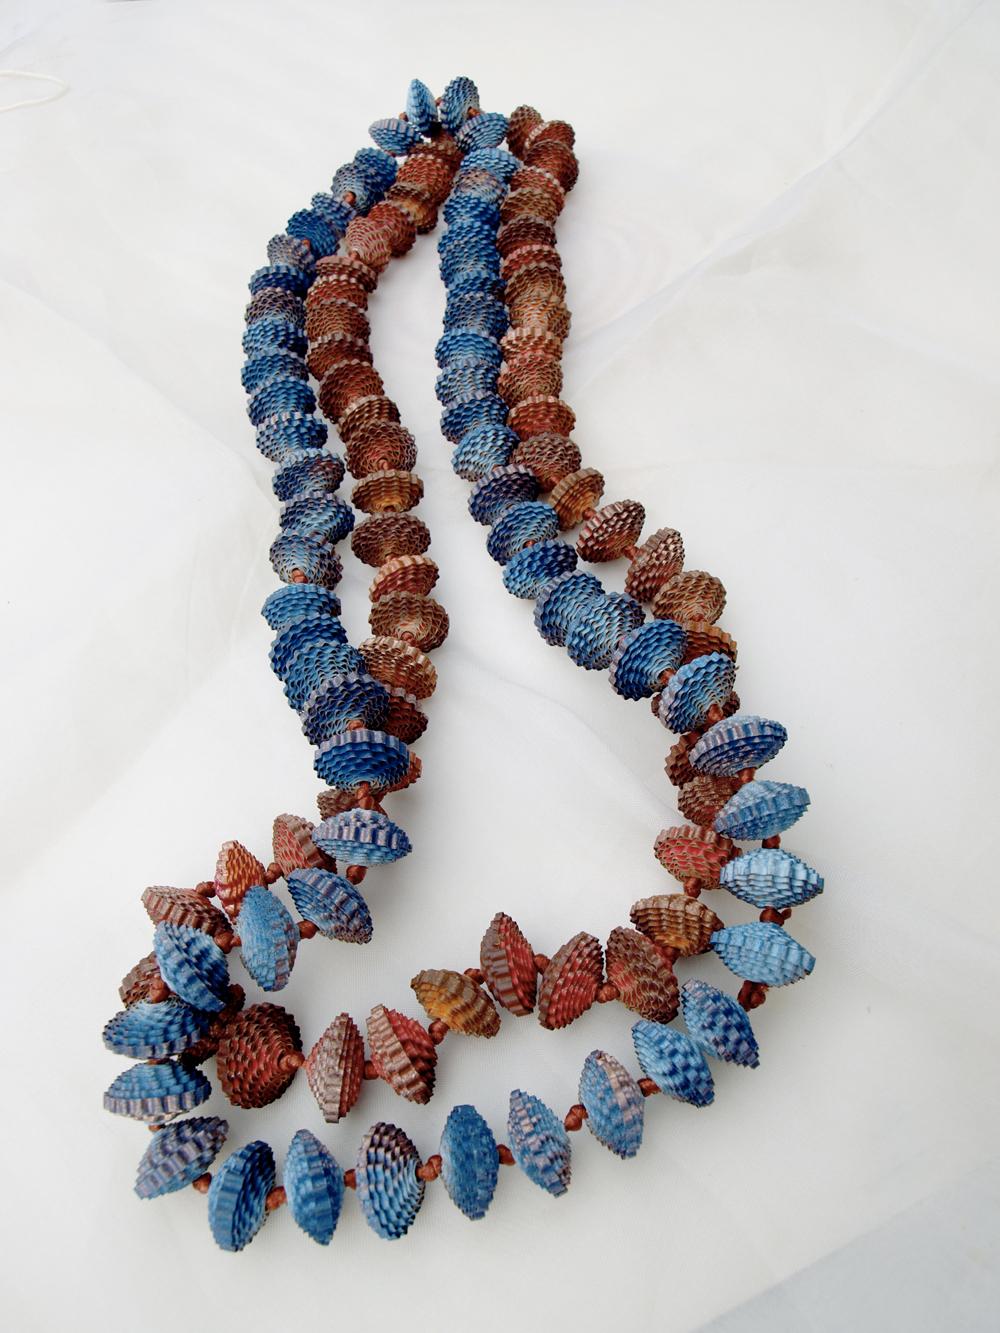 Conosciuto I gioielli di carta di Angela Simone - La mia camera con vista LY51